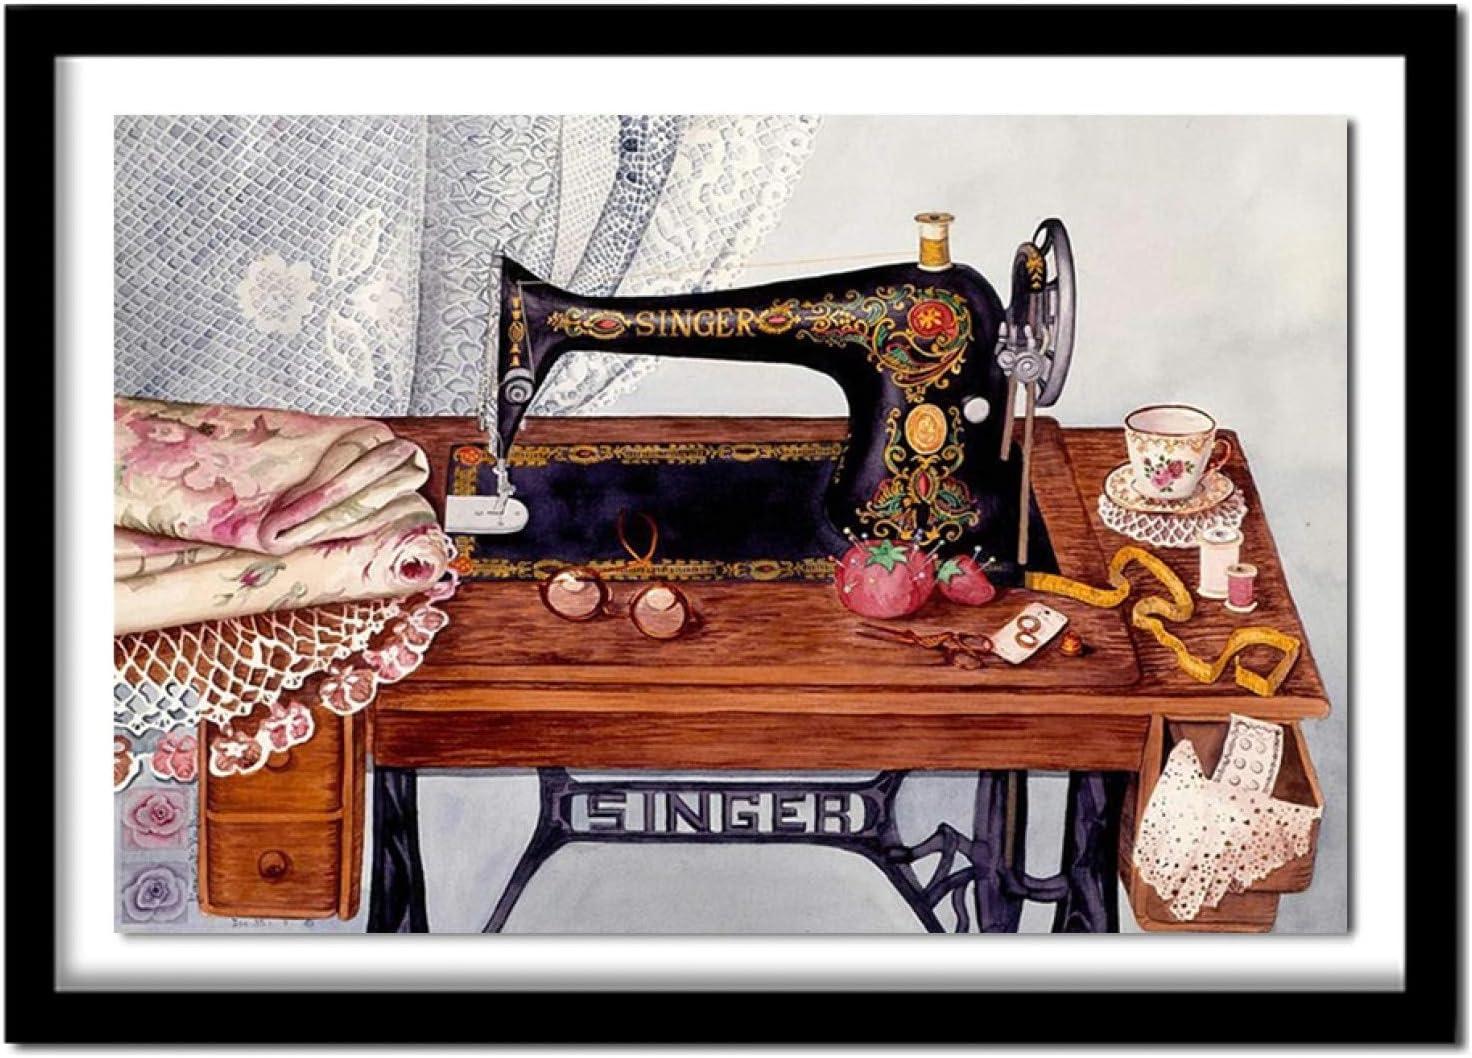 """ZHENGGUO 5D DIY""""Máquina de Coser-bodegón""""Juego de Pintura de Diamantes, Mosaico de Diamantes de imitación de Cristal Completo, artesanía Hecha a Mano, decoración de la Pared del hogar, Regalo 40x50cm"""